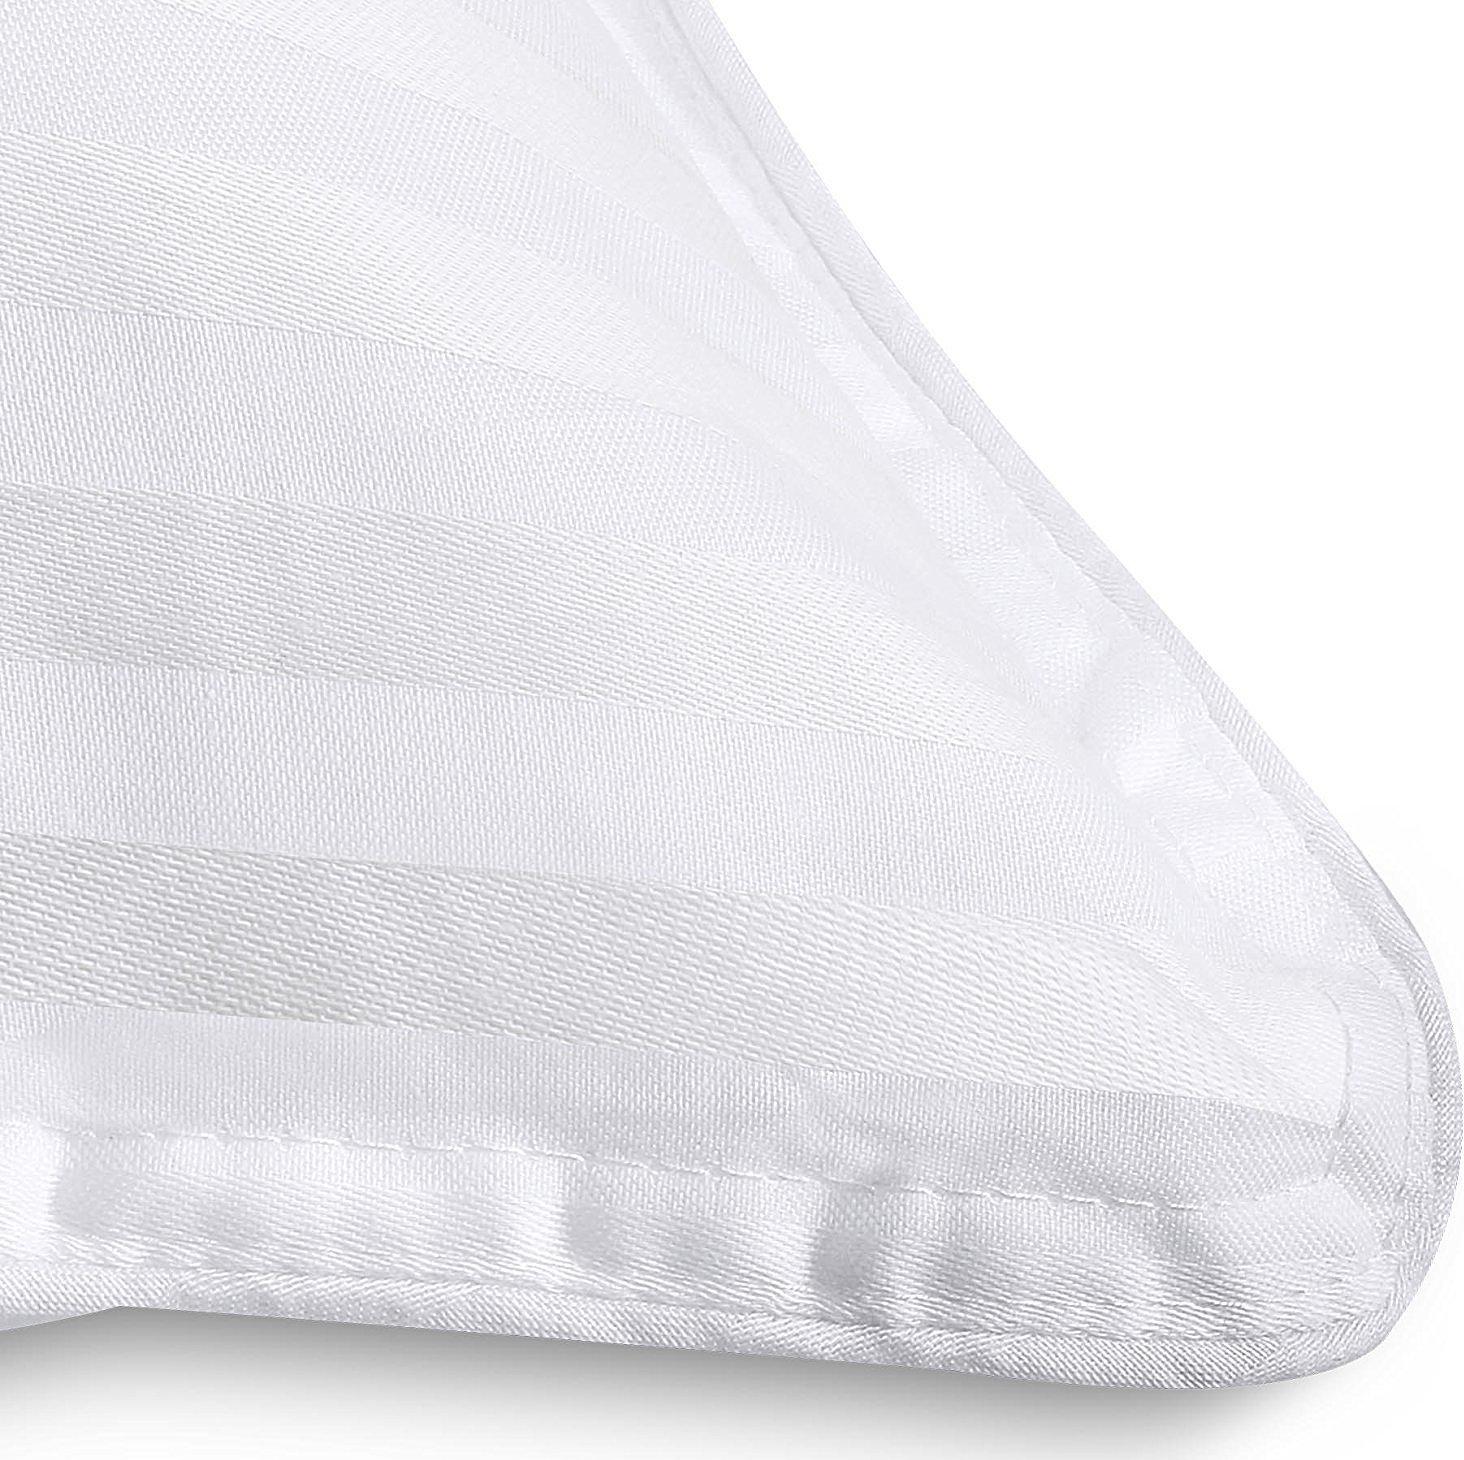 Premium Super Plüsch Plüsch Plüsch Fiber gefüllte Kissen - (2er Packung) - Pure Cotton, T-240 Mercerized Shell, 3D Hollow Silikon-Material - von Utopia Bettwäsche (Standard 74x48cm) - Größe Nicht für DE 4e3f38